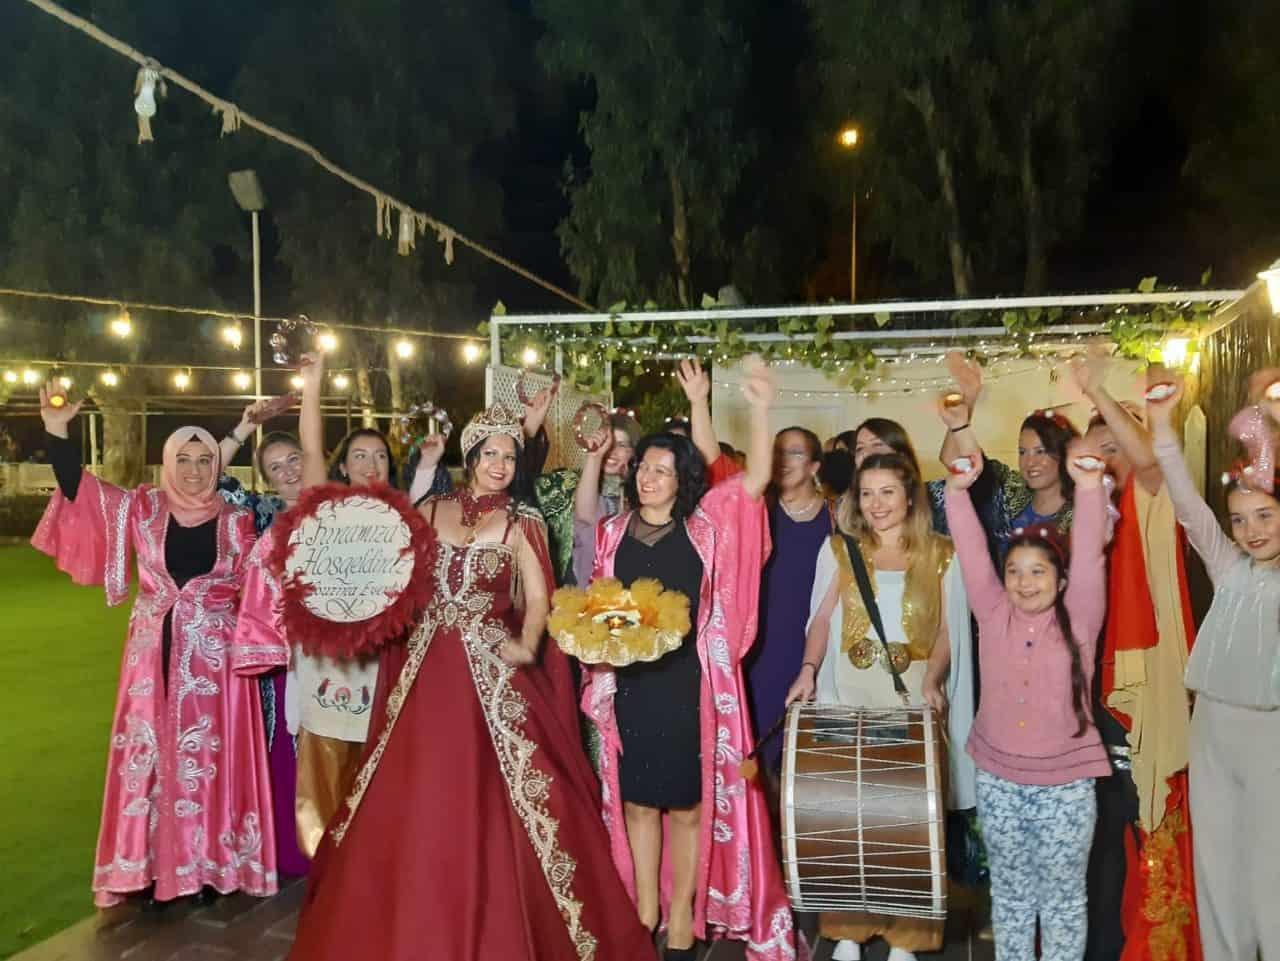 Kouzina Balçova Kına Gecesi Mekanları